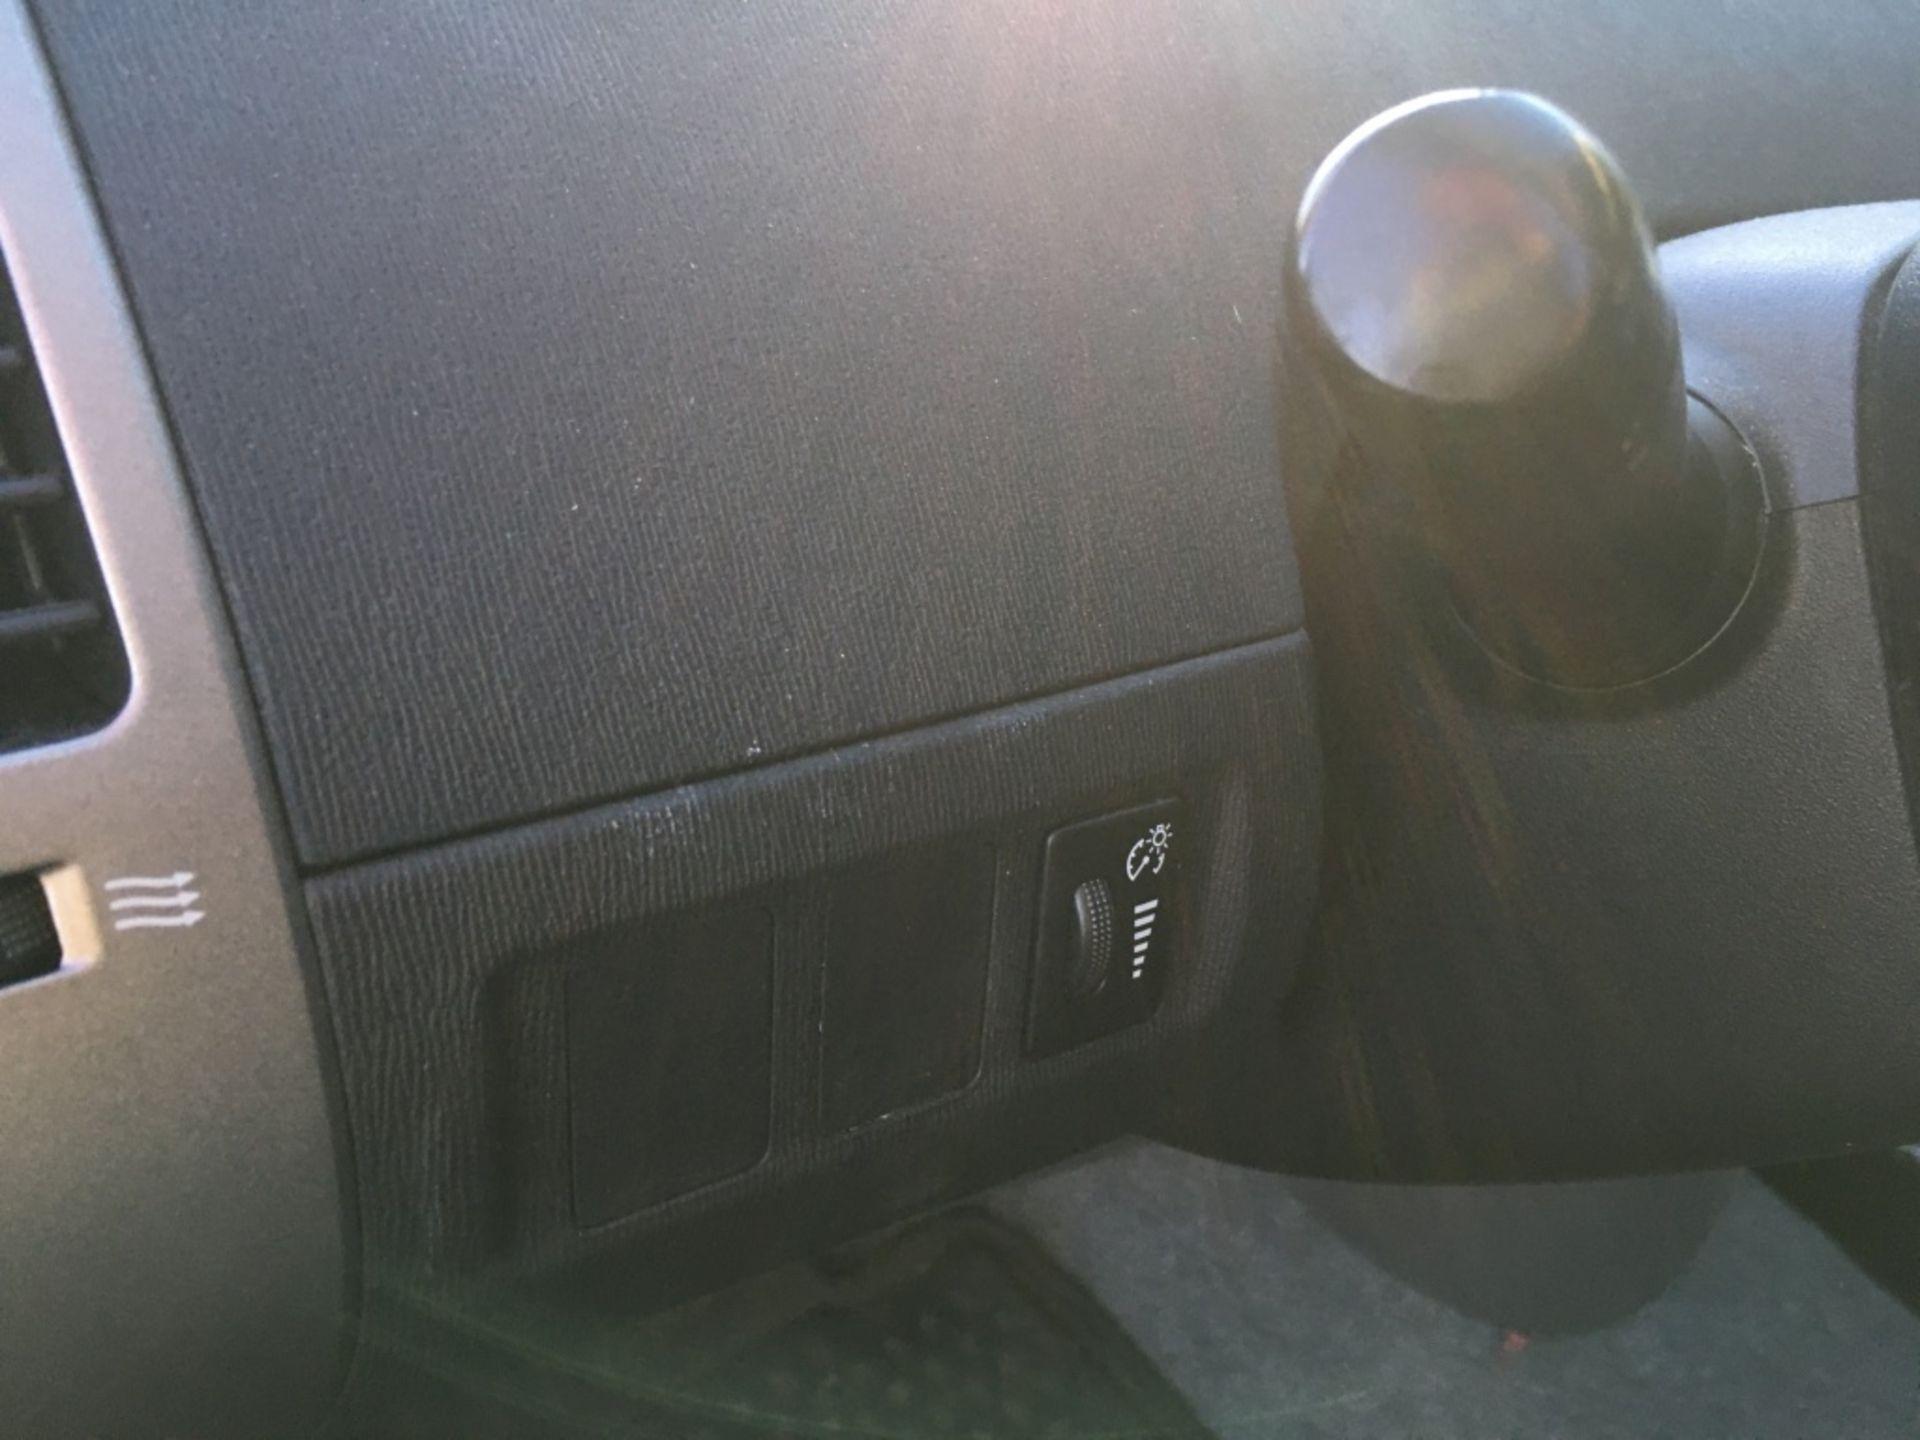 2009 Toyota Prius Sedan - Image 9 of 18